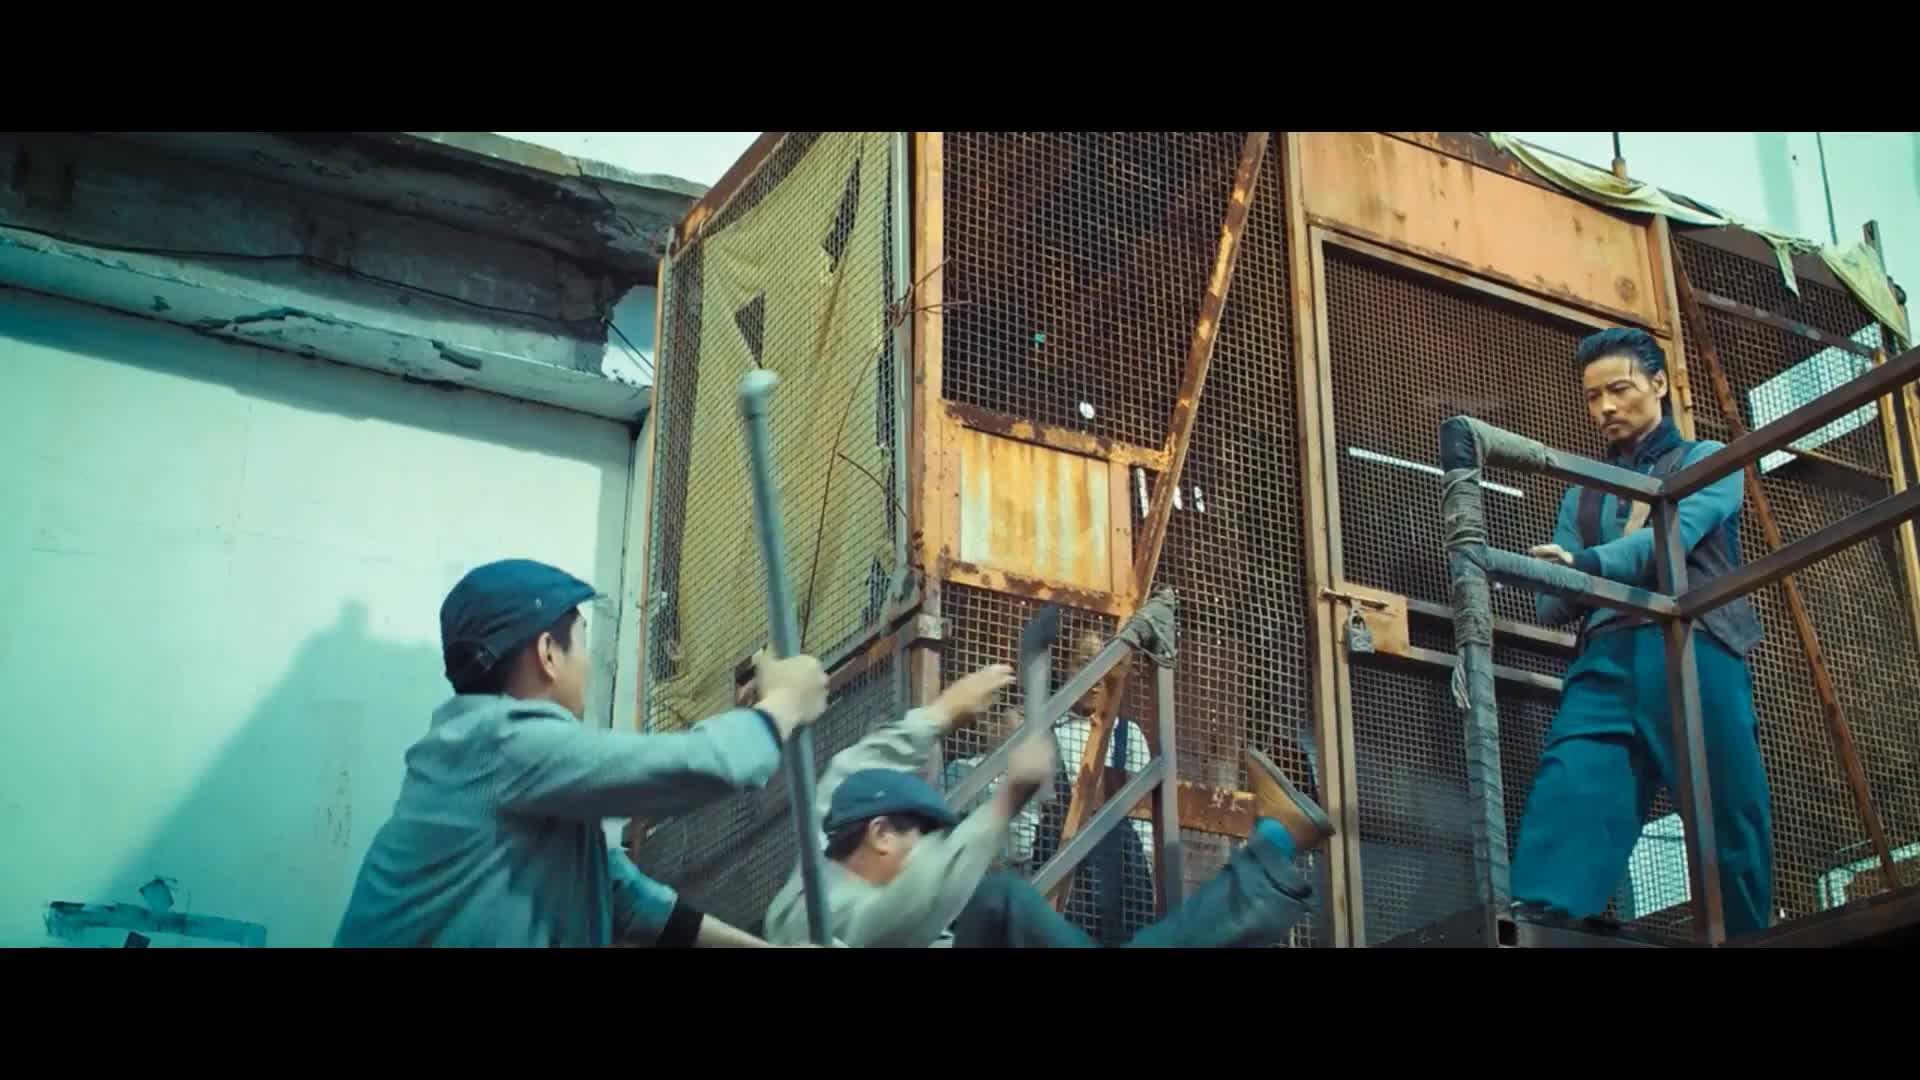 《叶问3》倒放甄子丹保护自己的小孩跟黑帮打架